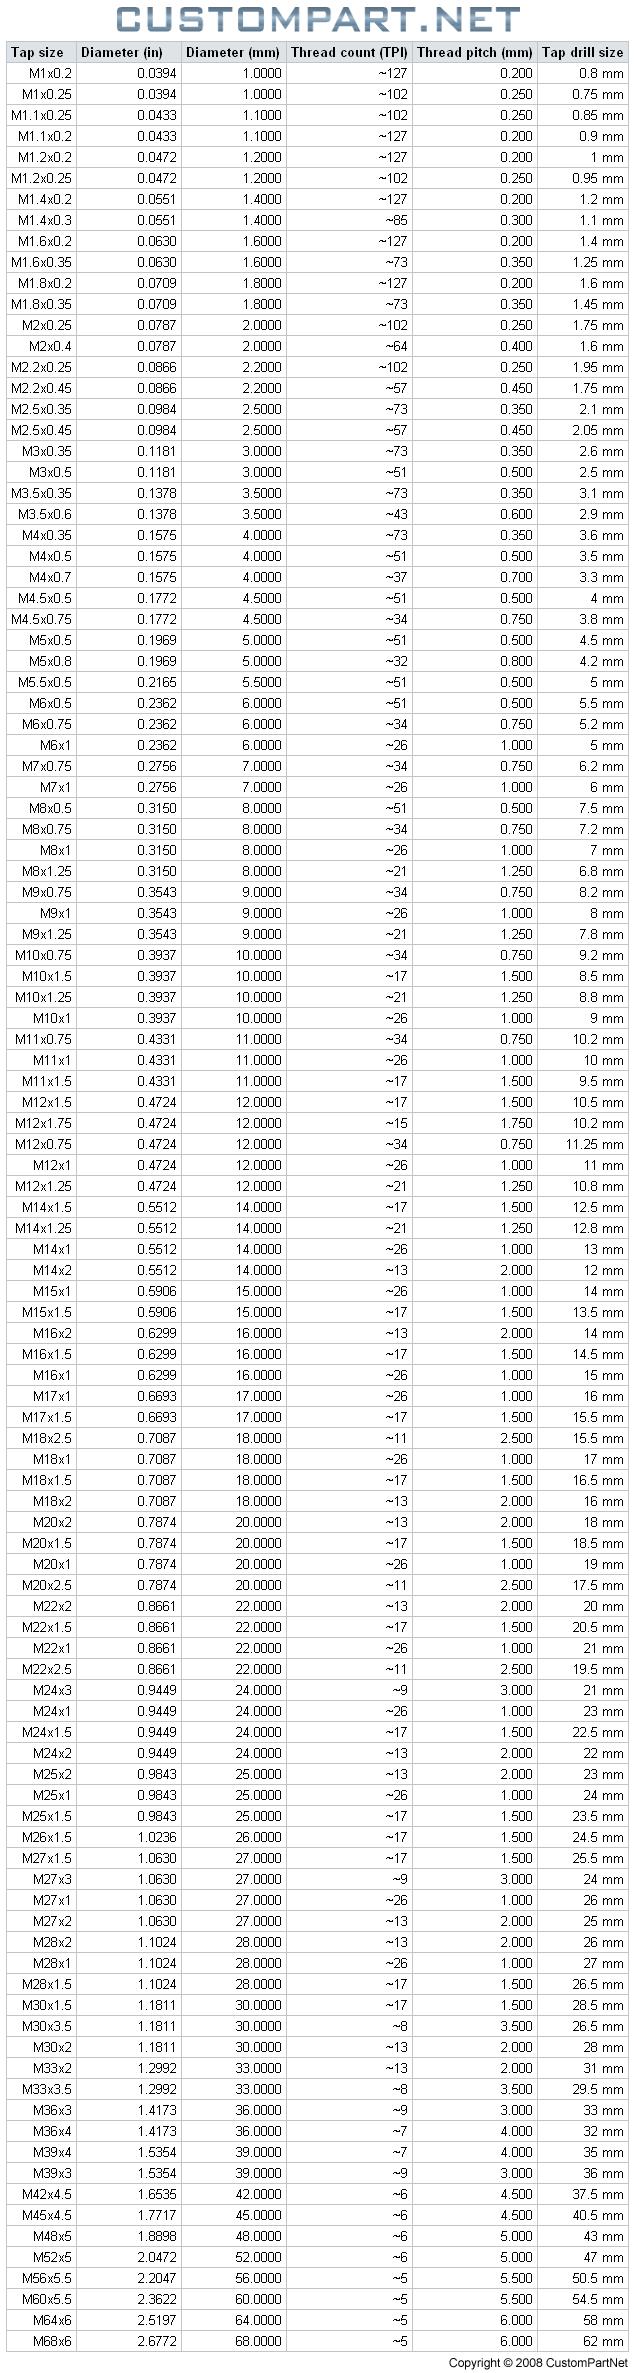 Tap Size Chart - Machining